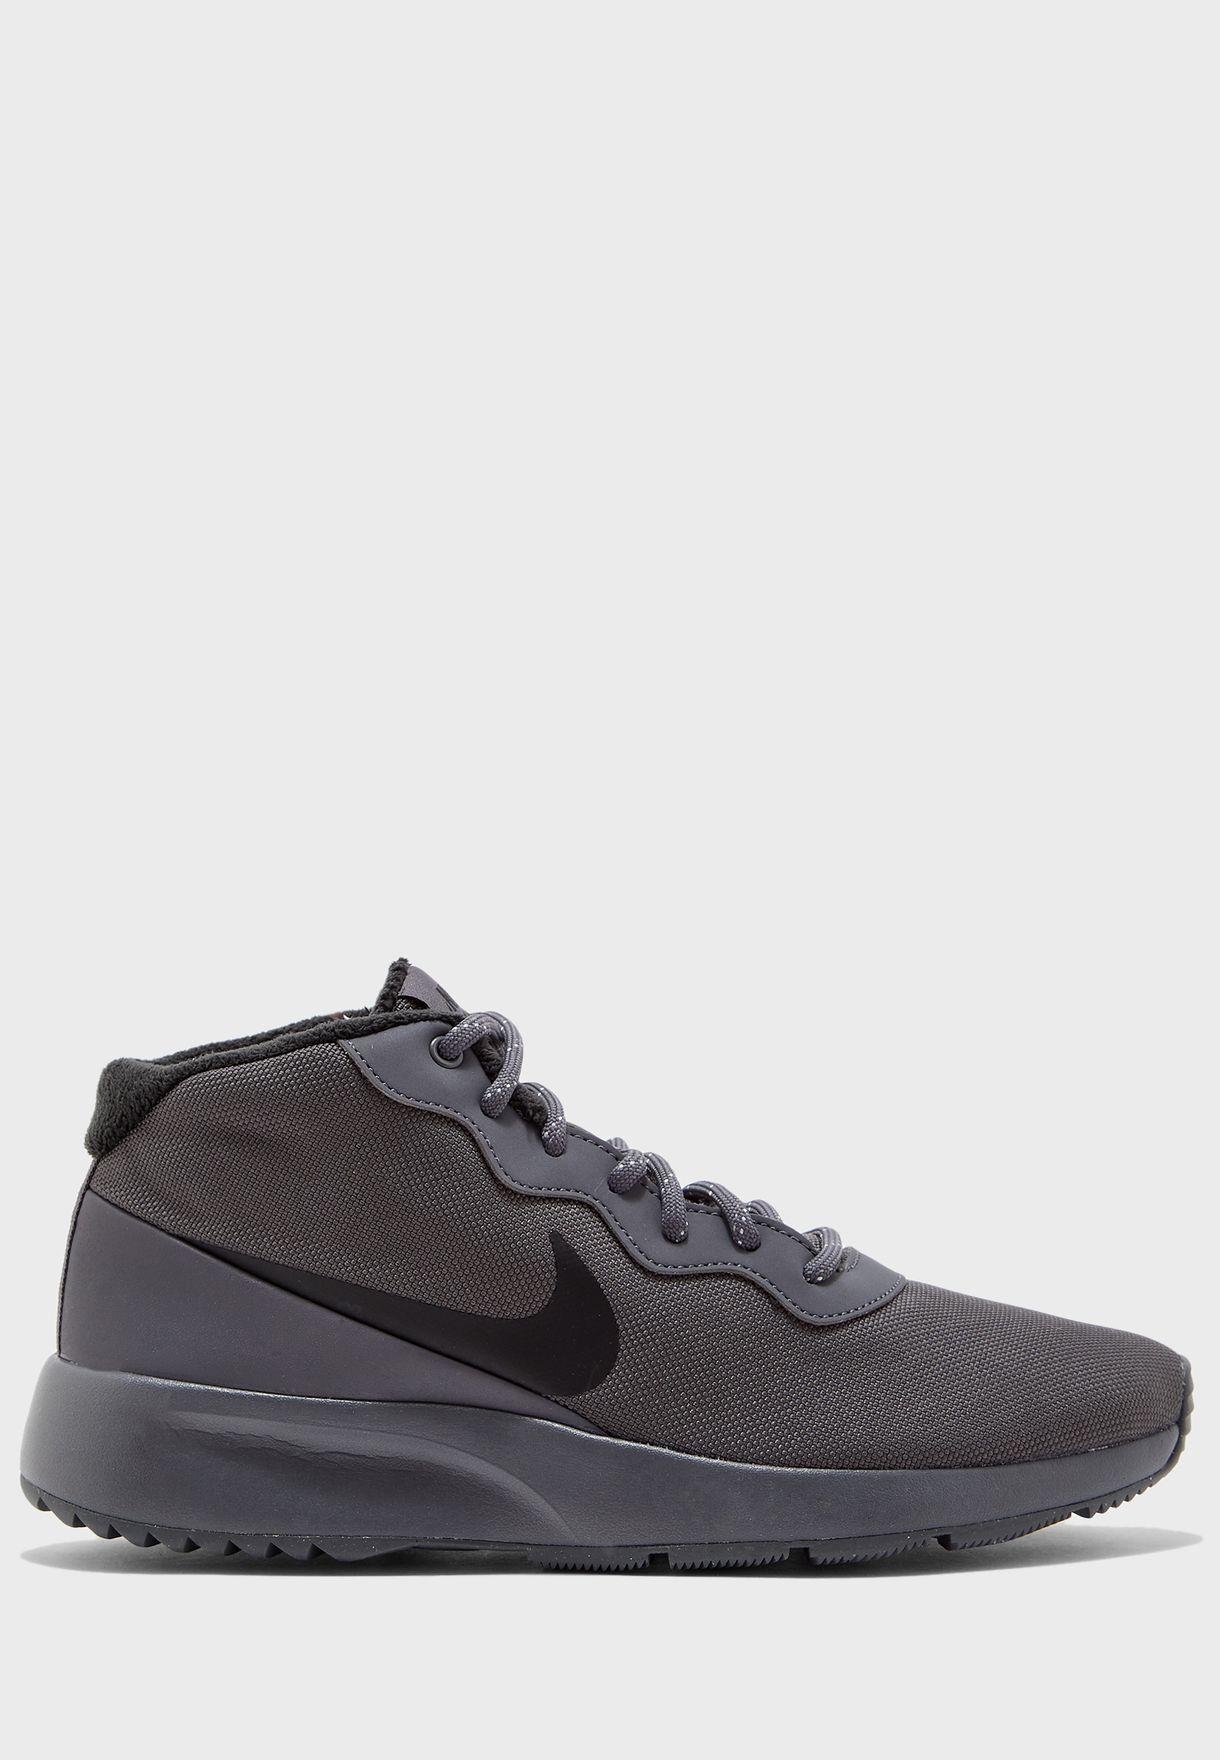 Speciale bordeggiare lepre  Buy Nike grey Tanjun Chukka for Men in Riyadh, Jeddah | 858655-002